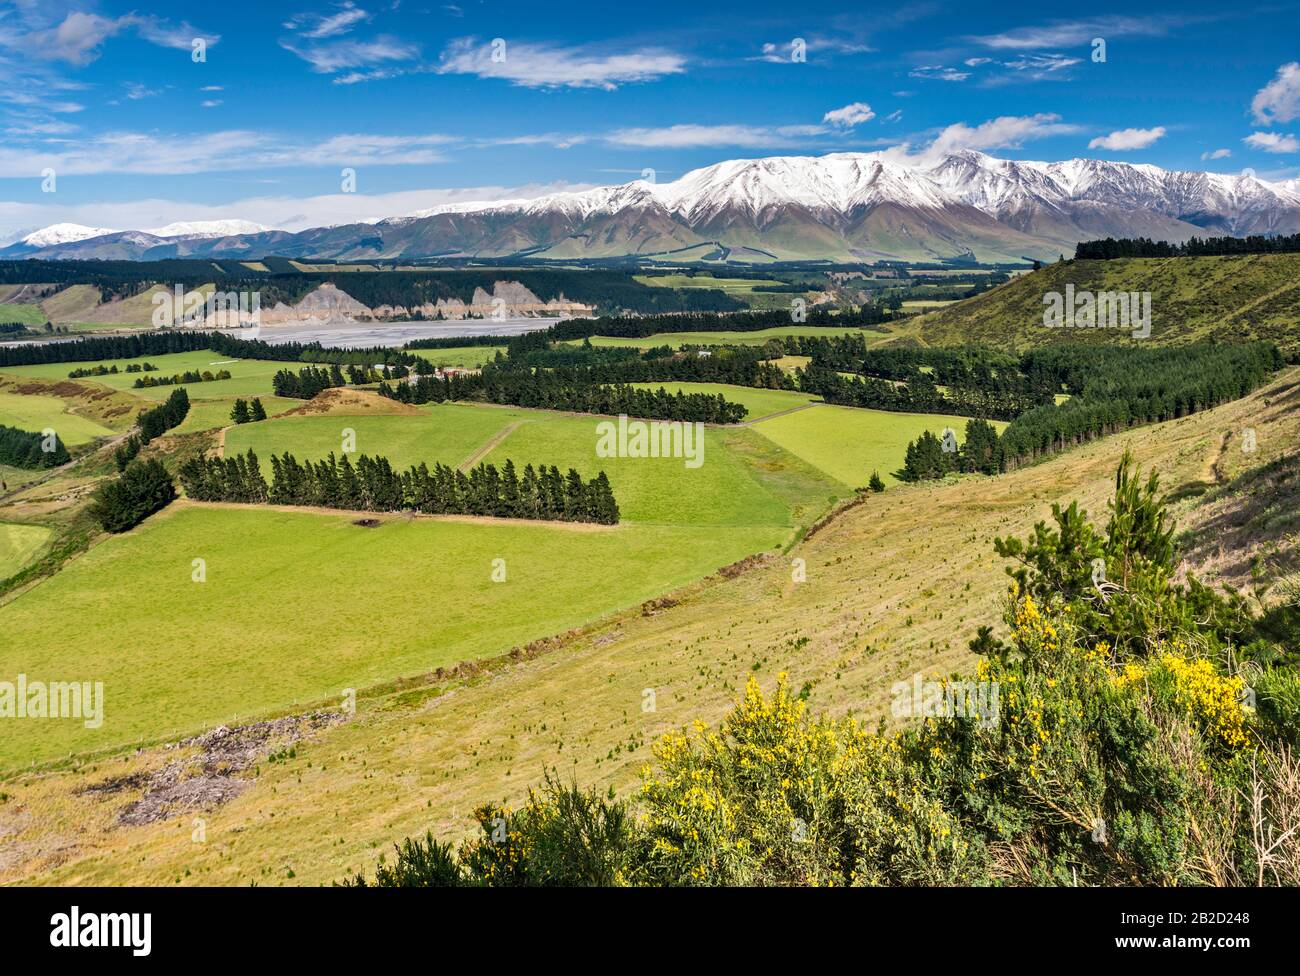 Rakaia River valley, Mount Hutt range, Southern Alps, from Rakaia Gorge Road (SH 77), near Methven, Canterbury Region, South Island, New Zealand Stock Photo